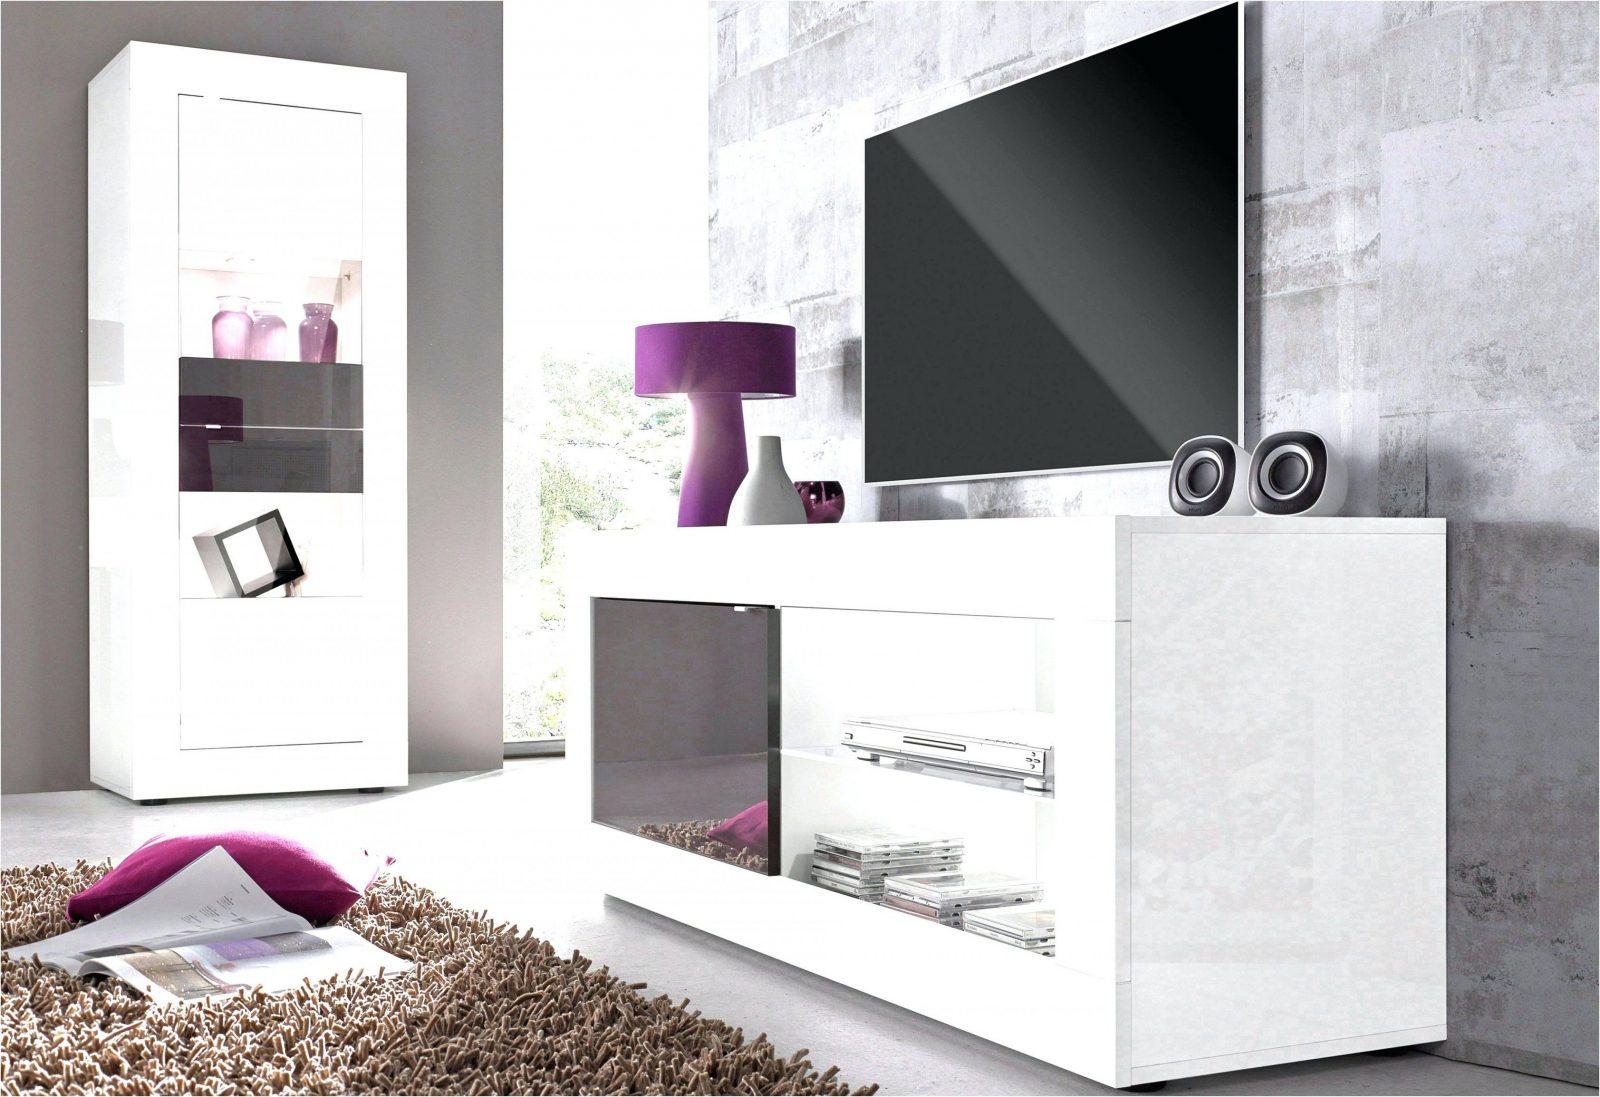 Möbel Auf Raten Kaufen Trotz Schufa 74 Schön Modelle Of Möbel Auf